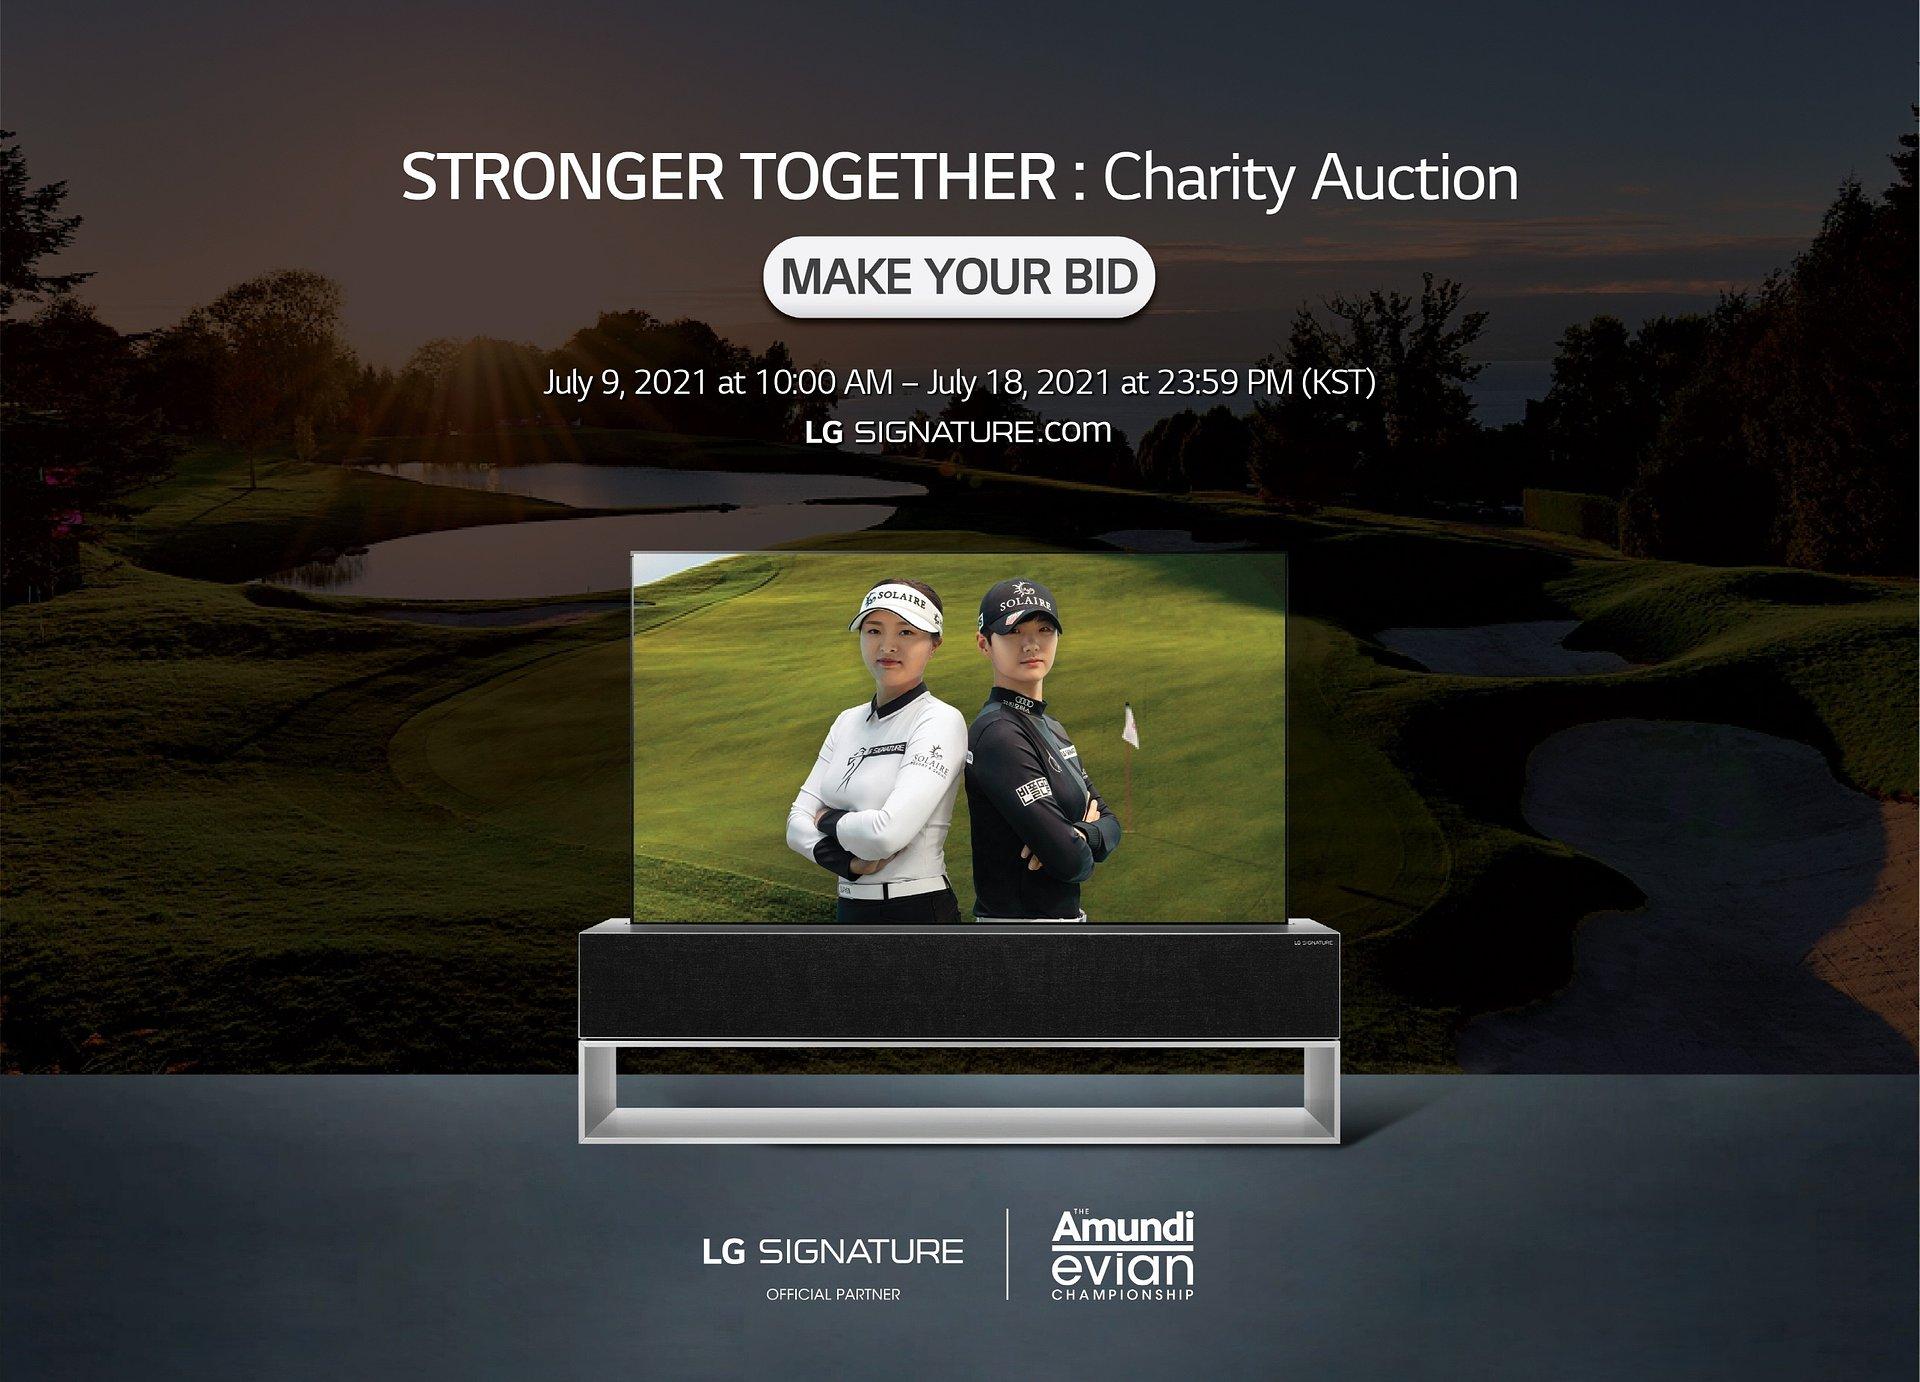 """LG SIGNATURE wspiera szczytny cel poprzez udział w aukcji charytatywnej """"Stronger Together"""""""